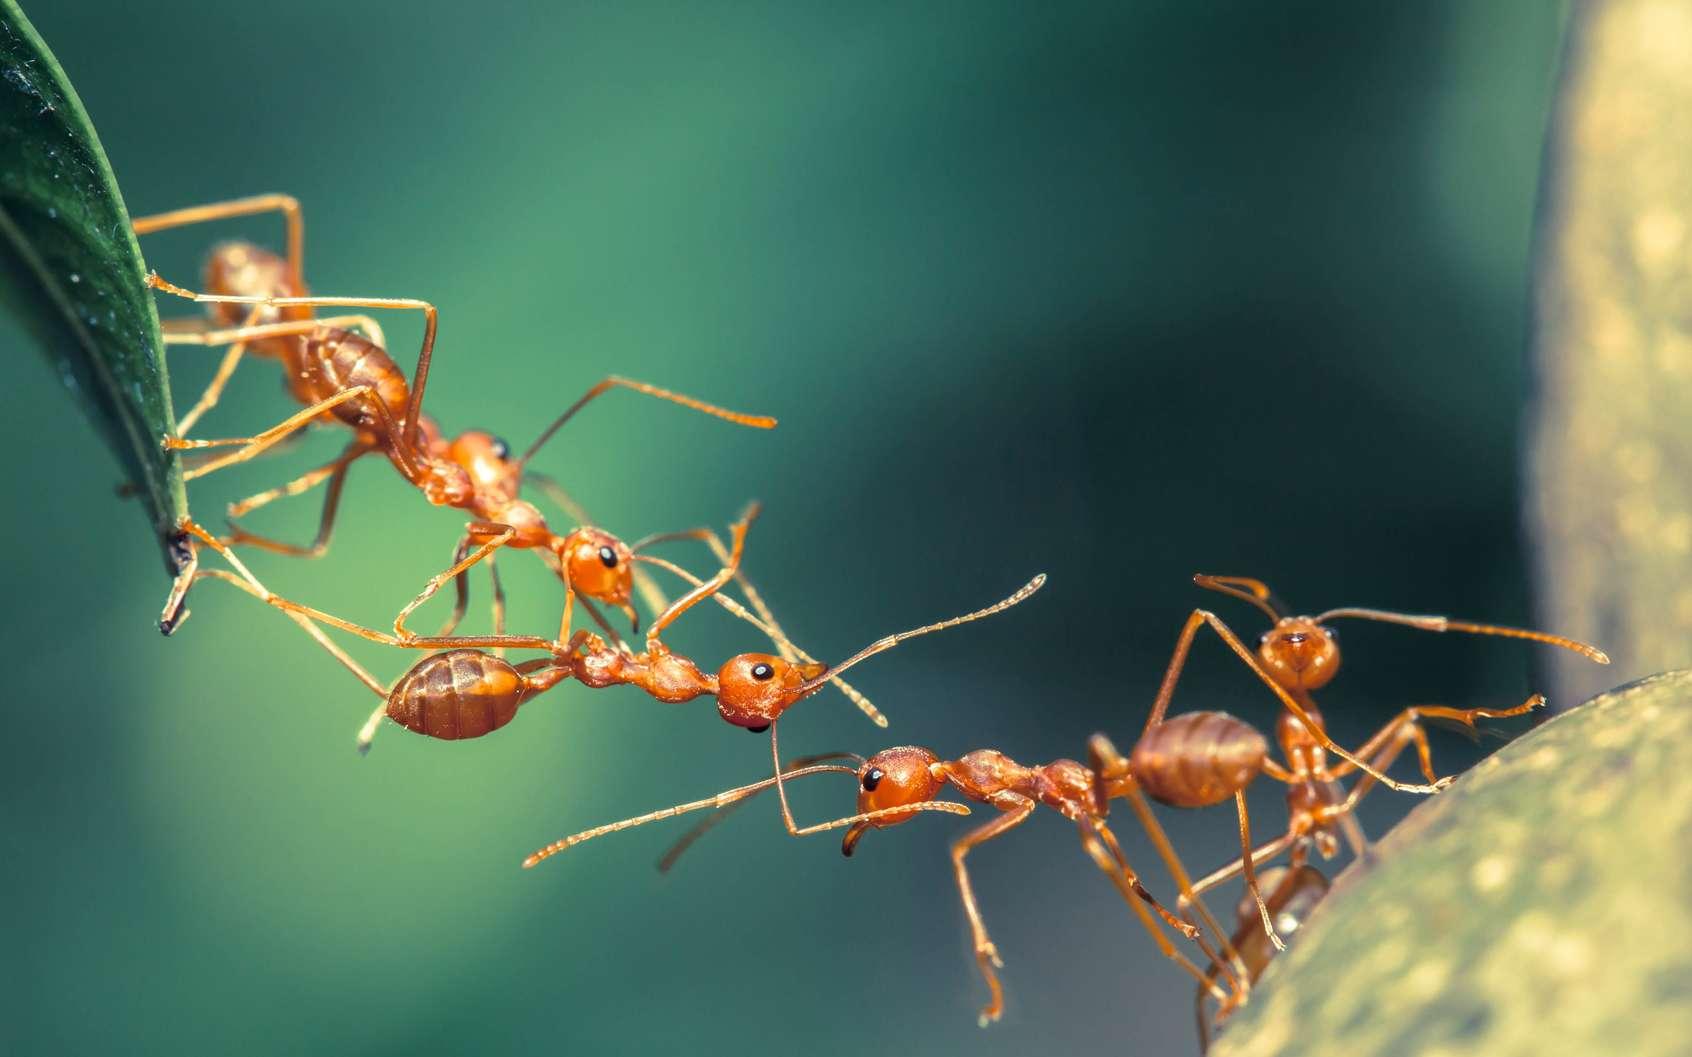 Des fourmis (ici d'une espèce différente de celle de l'article) peuvent former un pont en s'attachant les unes aux autres pour franchir un espace vide, voire un écoulement d'eau. © lirtlon, Fotolia